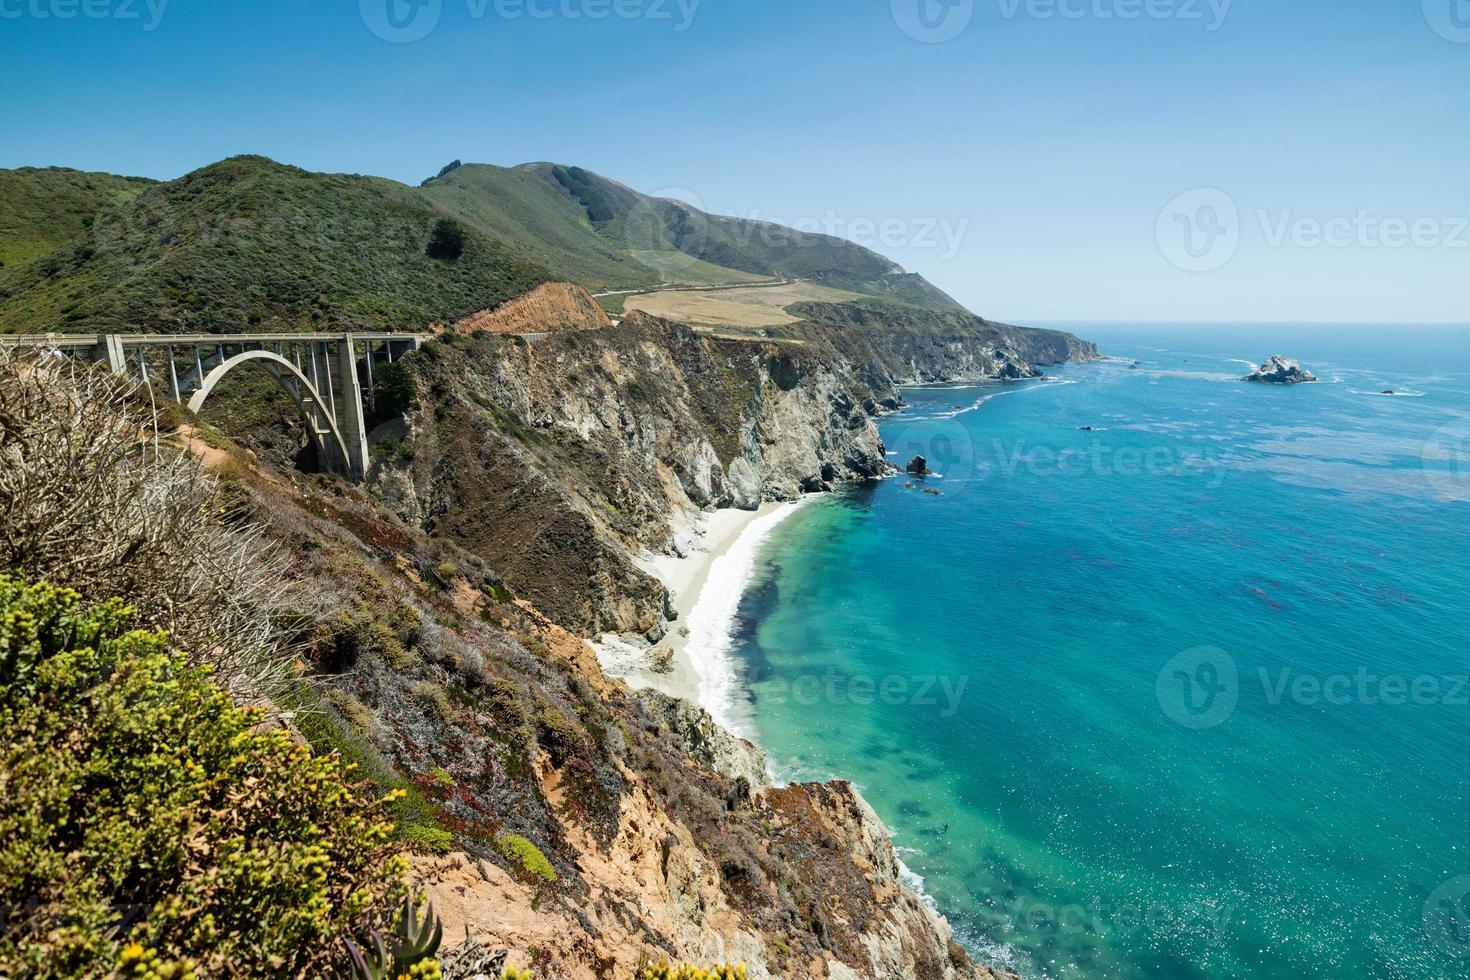 Journée d'été du pont de Brixby, route de l'autoroute de la côte pacifique 1, Californie photo